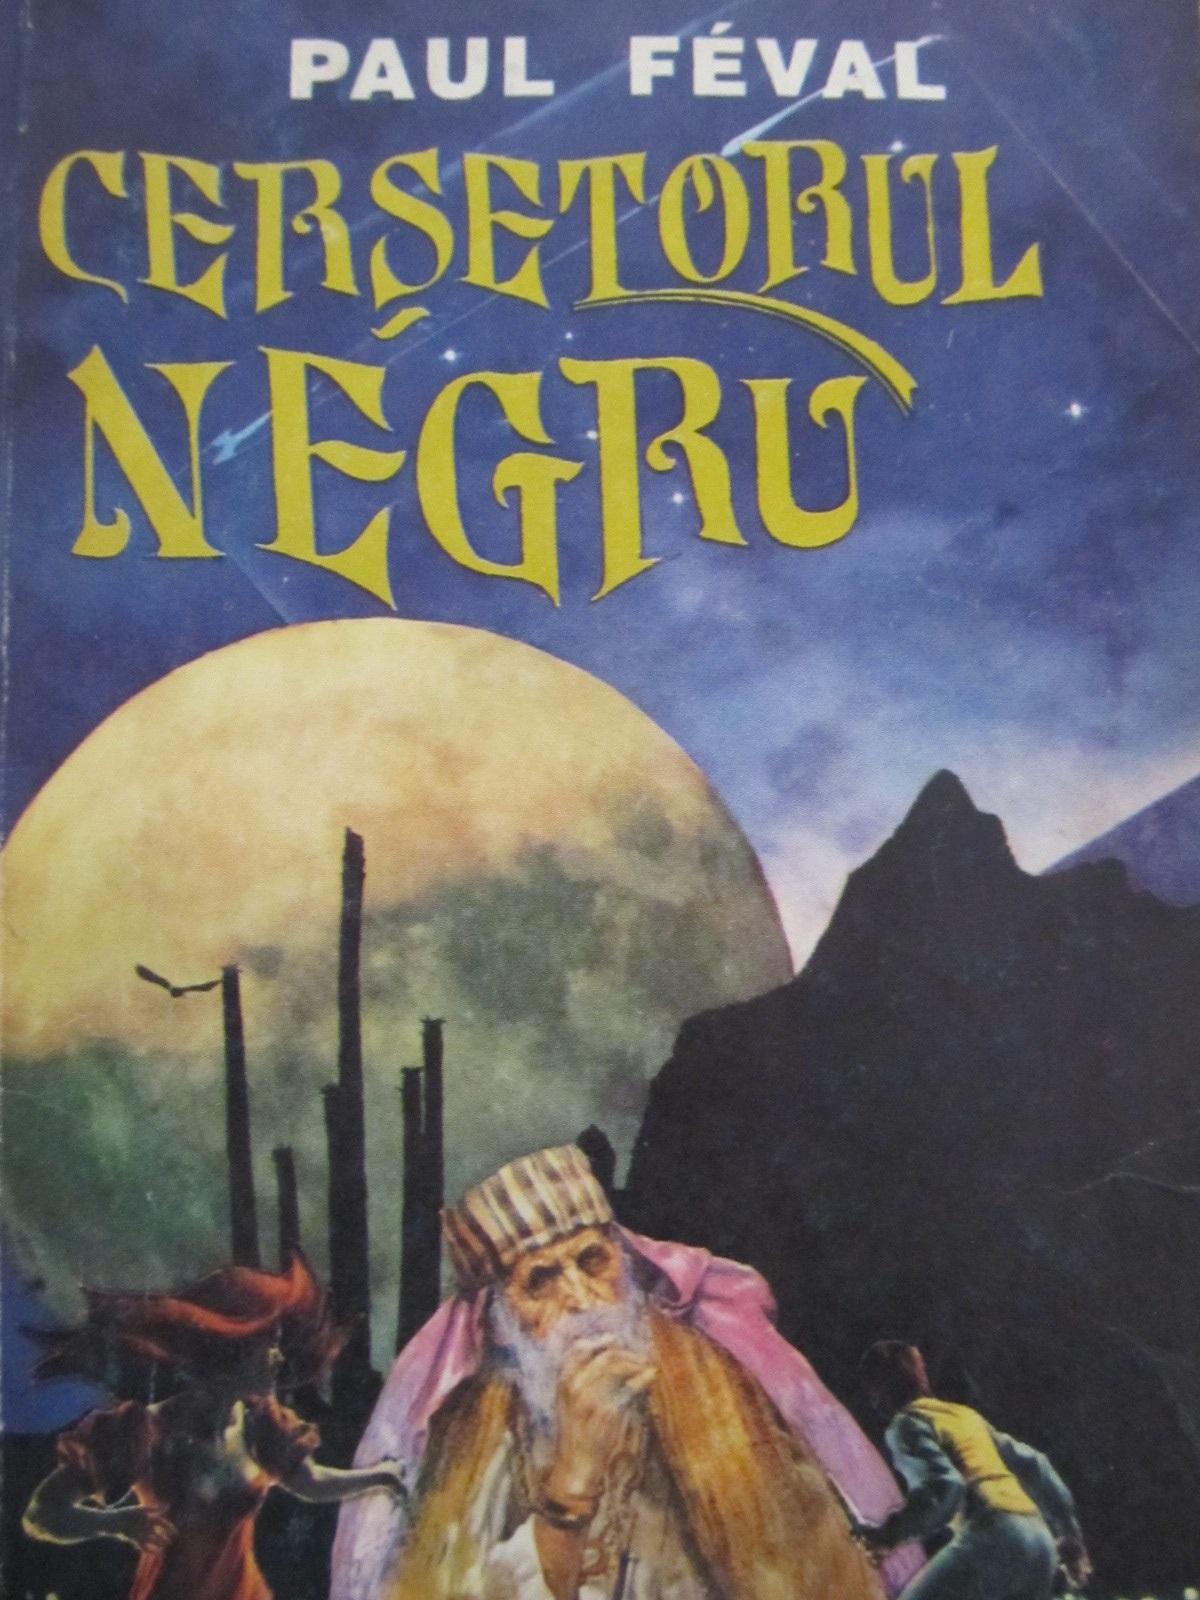 Cersetorul negru - Paul Feval | Detalii carte